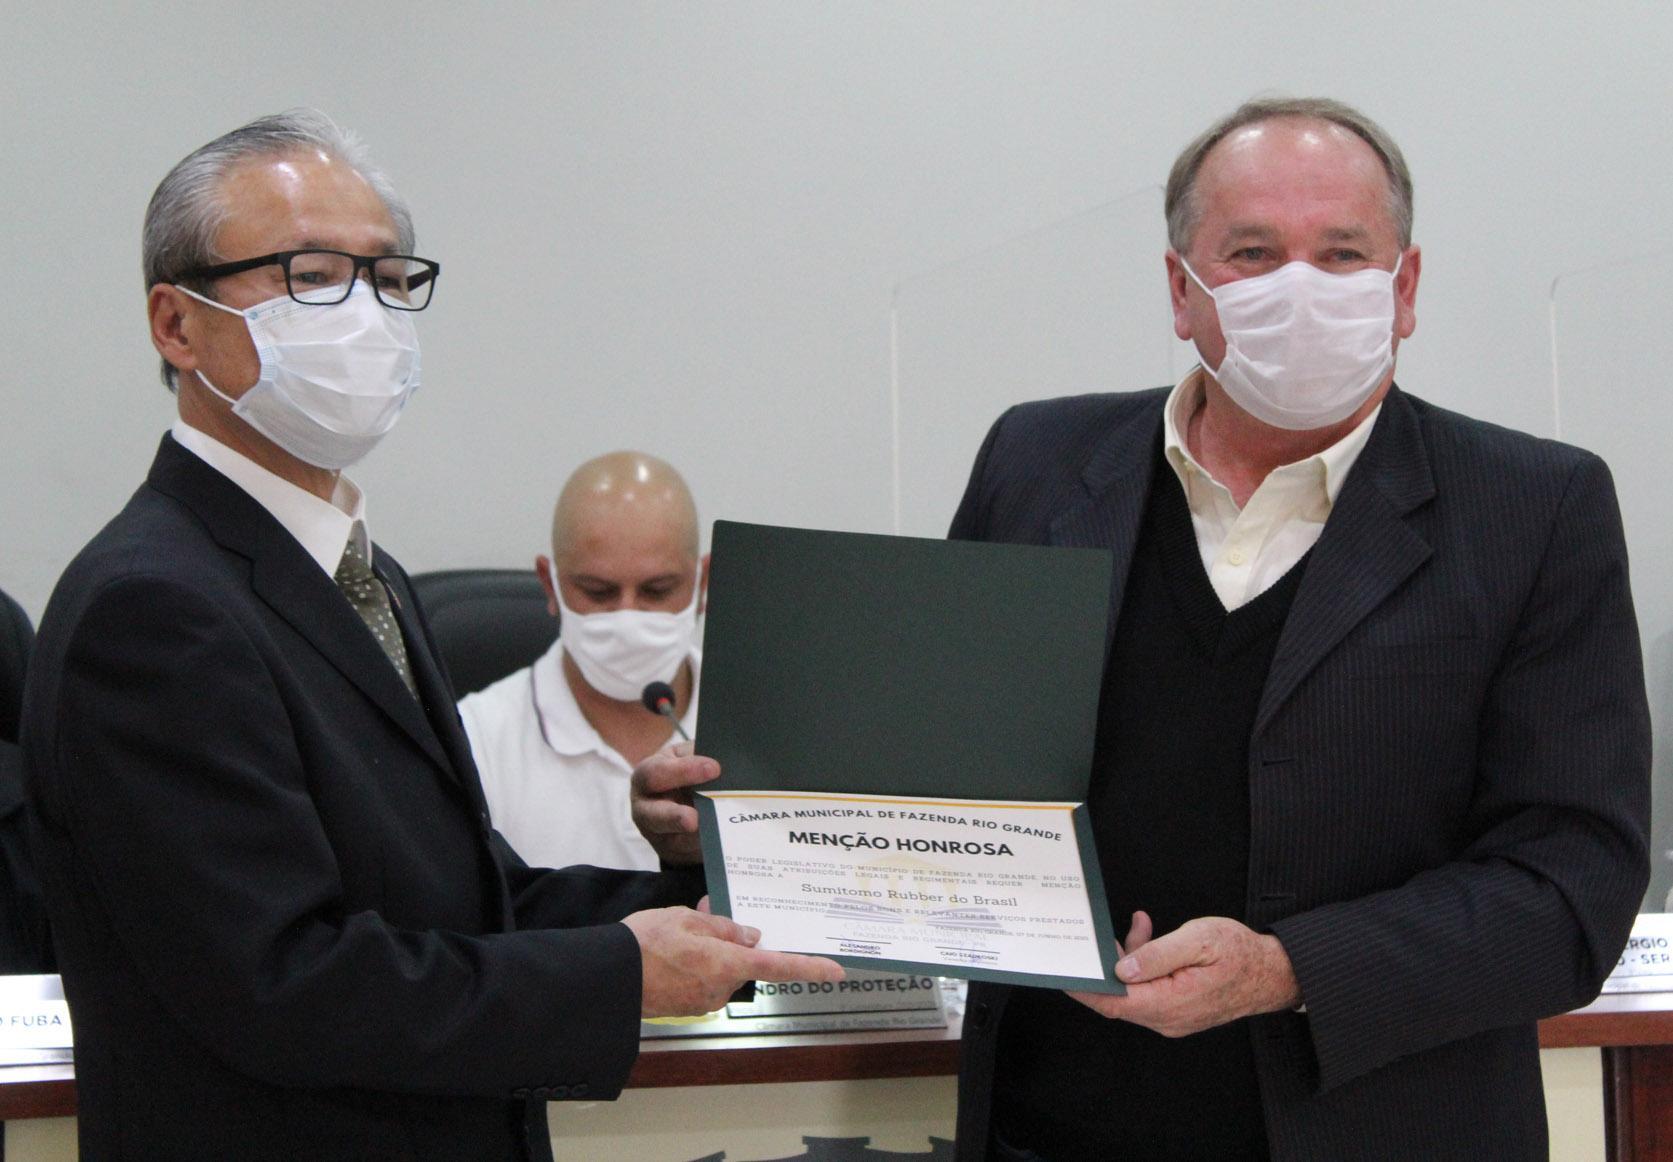 Власти города Фазенда-Риу-Гранди наградили шинников компании Sumitomo